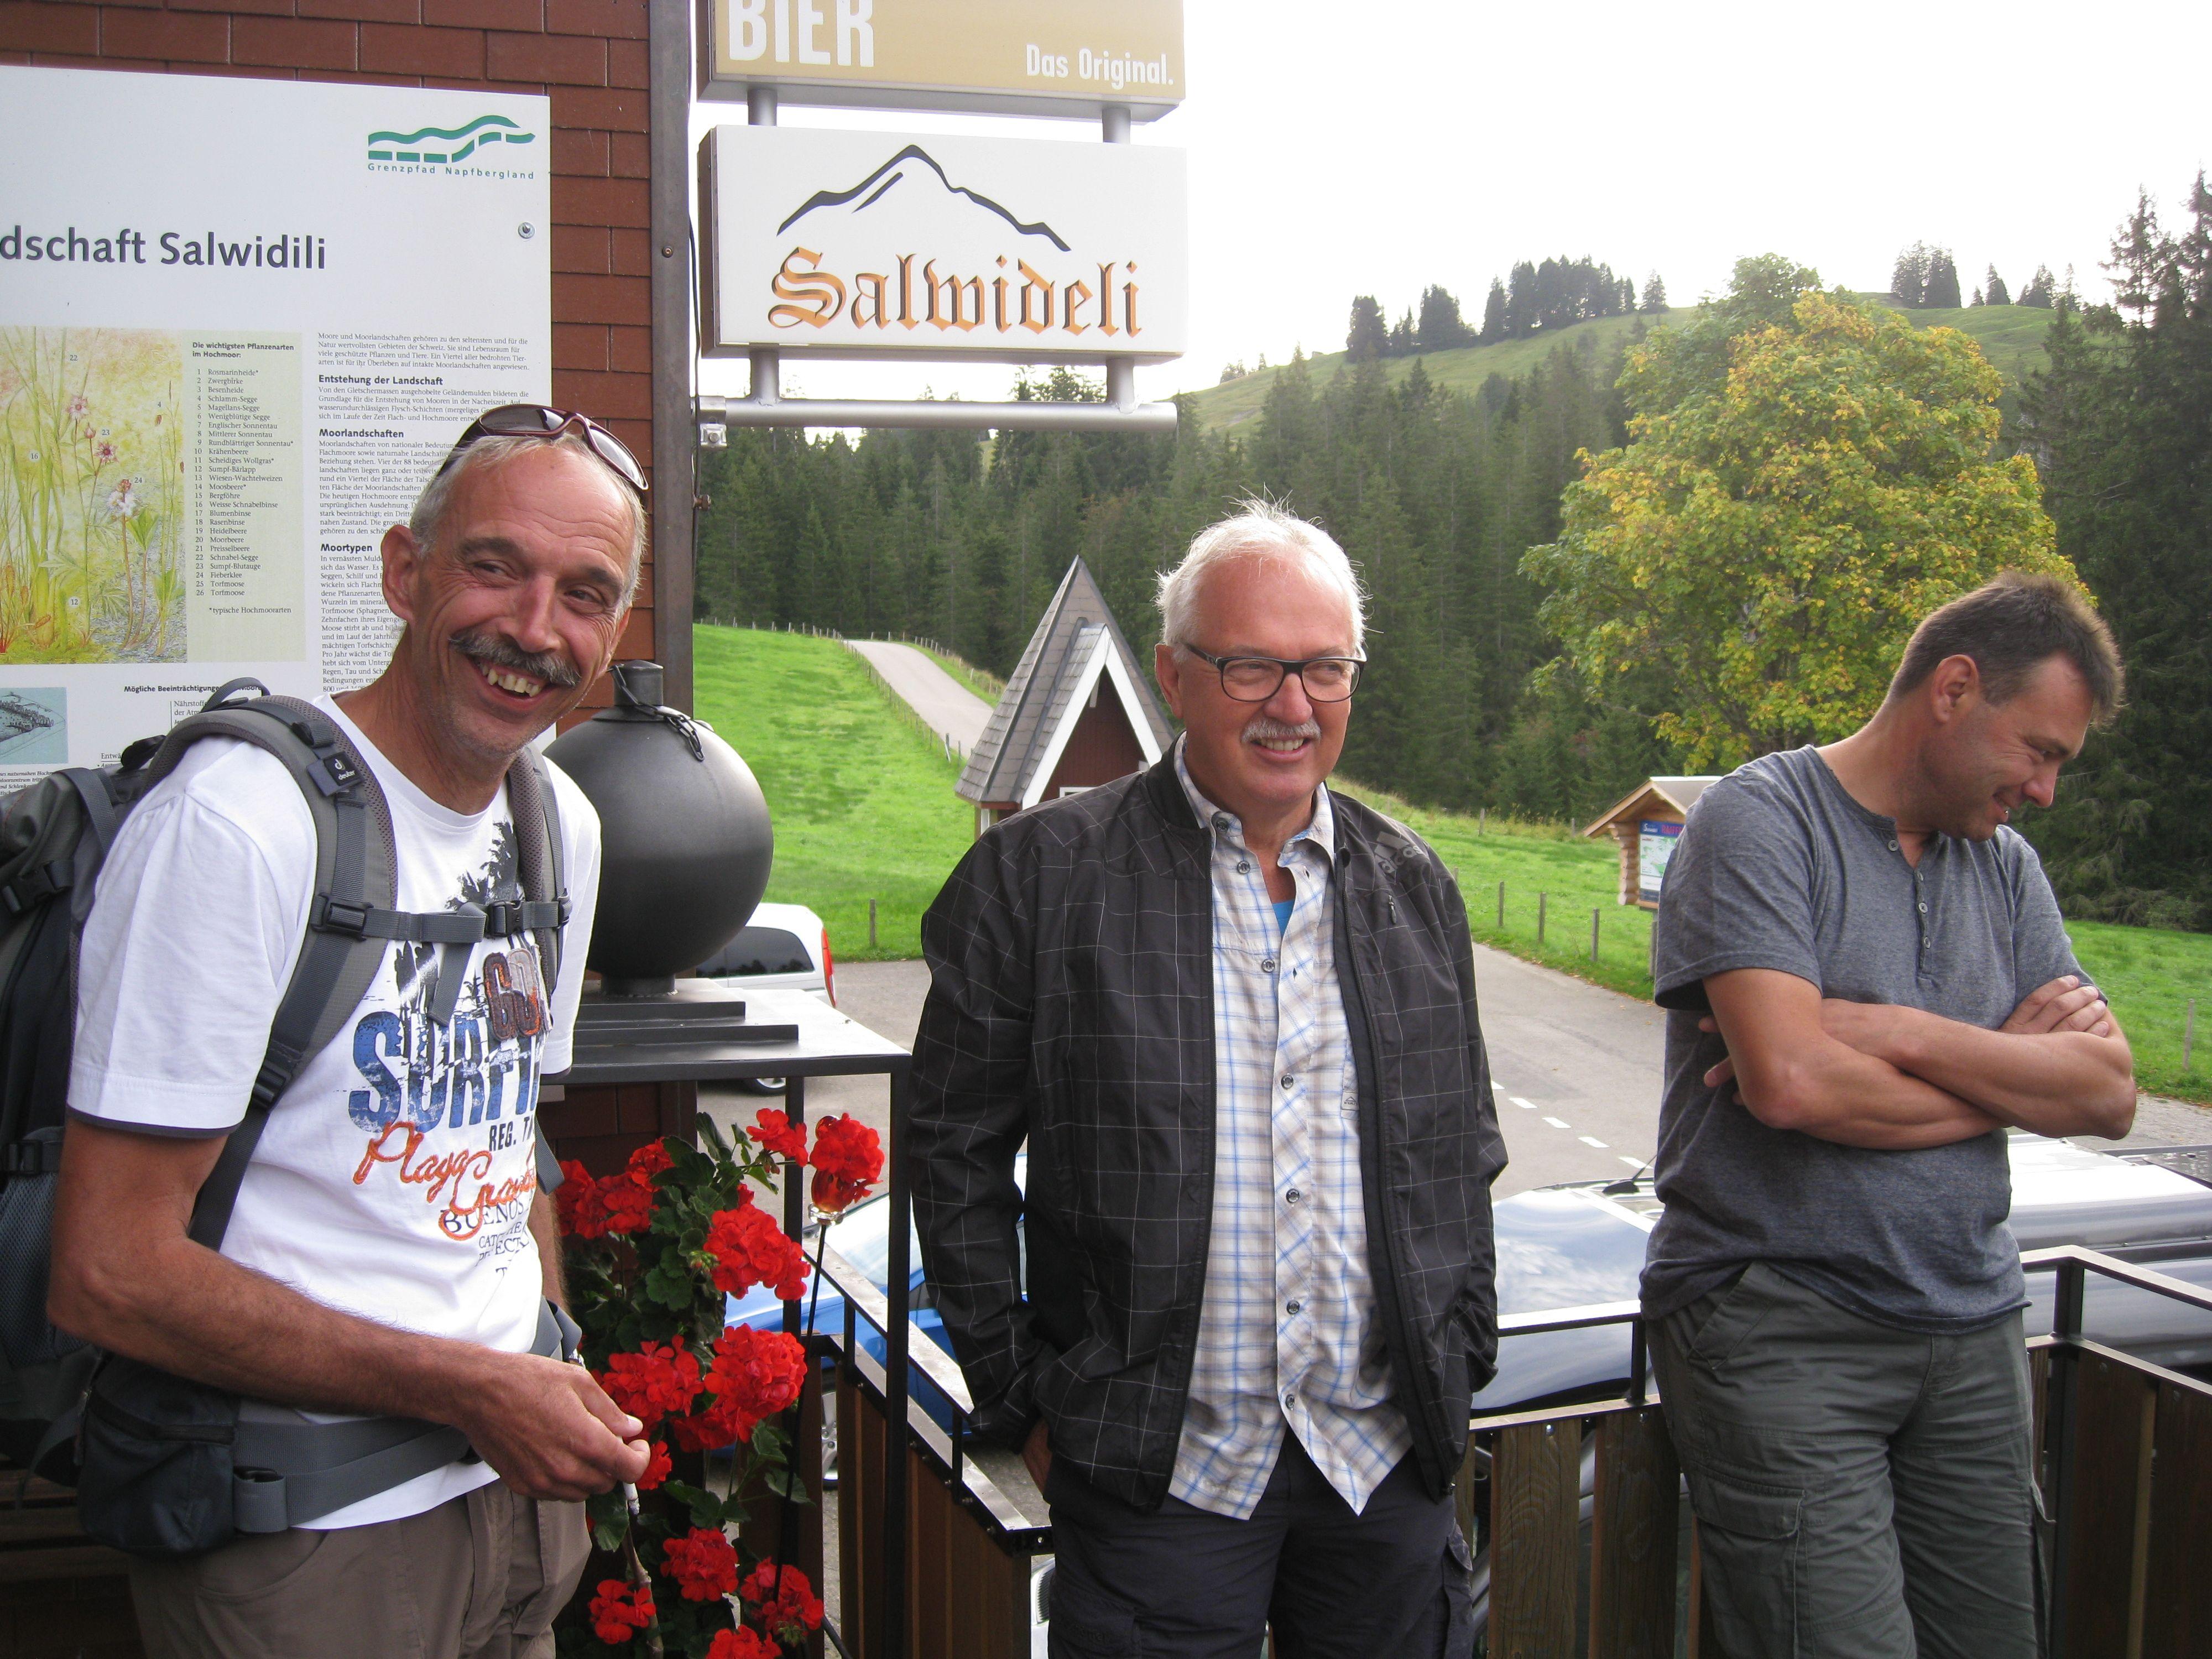 2016-09-04-Entlebuch-153-IMG_5150